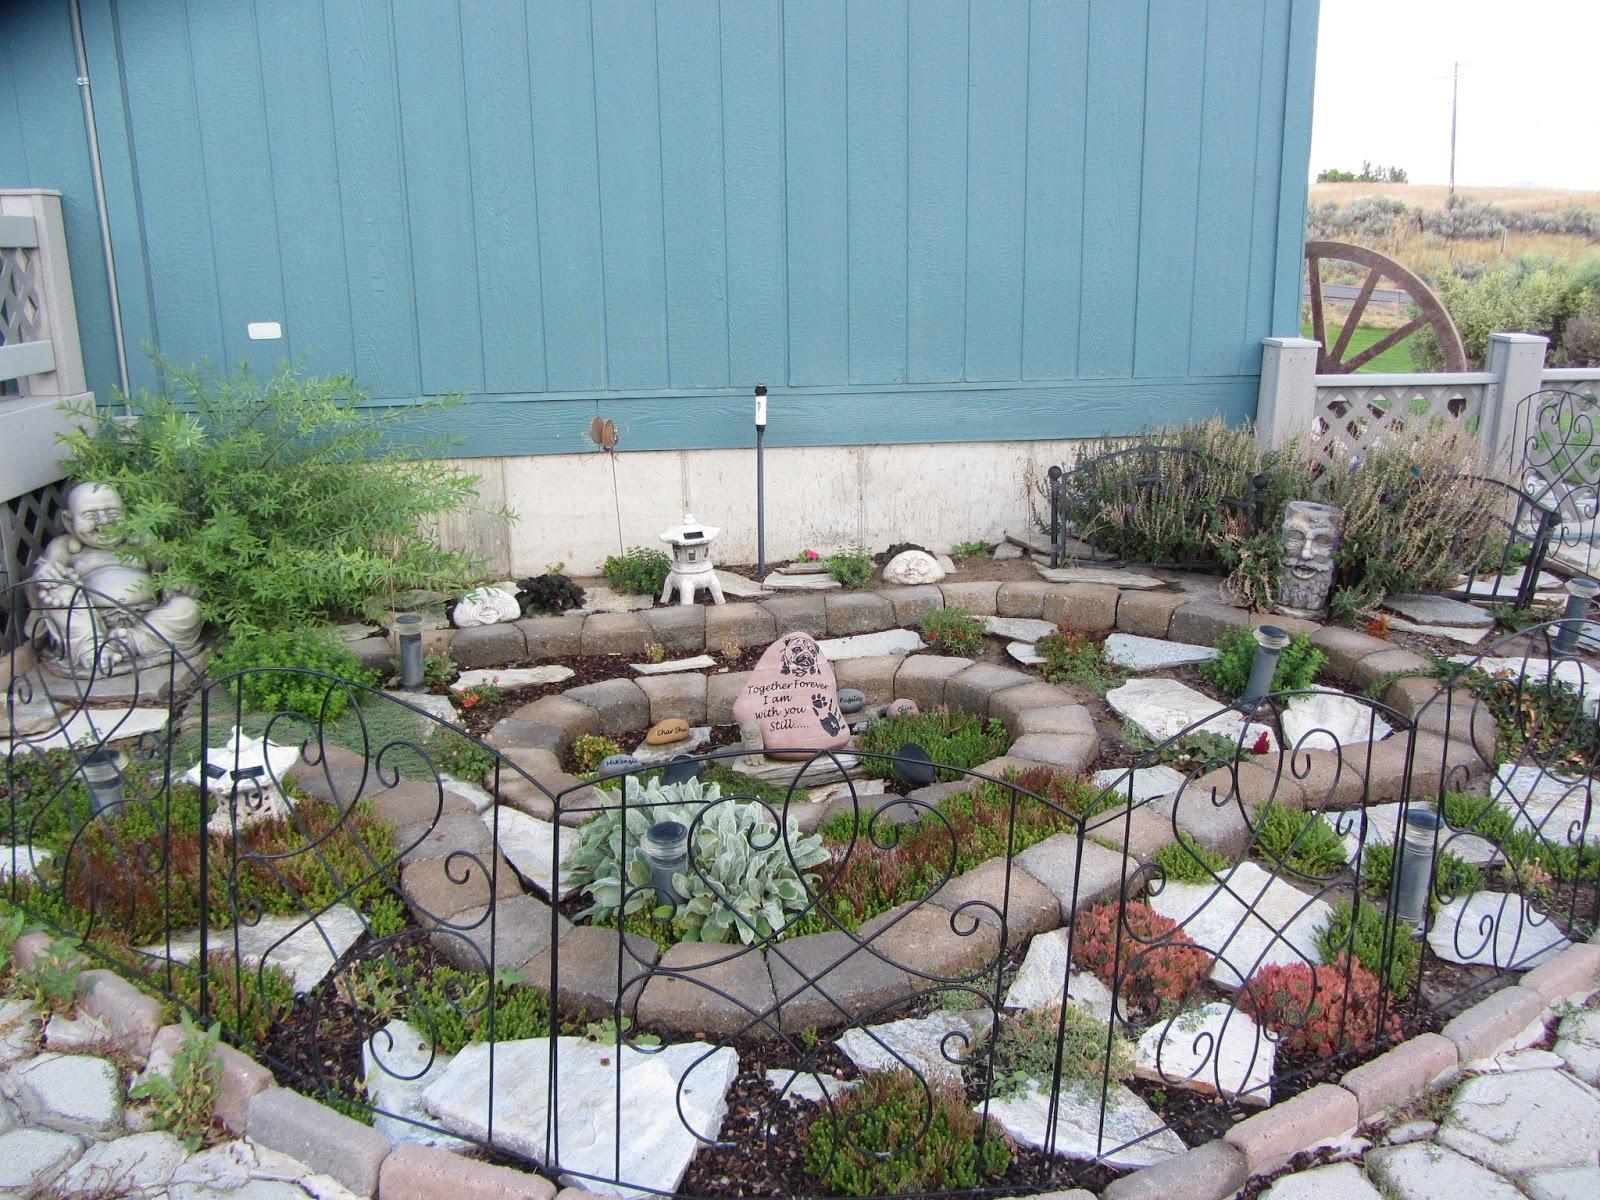 Idaho PugRanch: Pet Memorial Garden